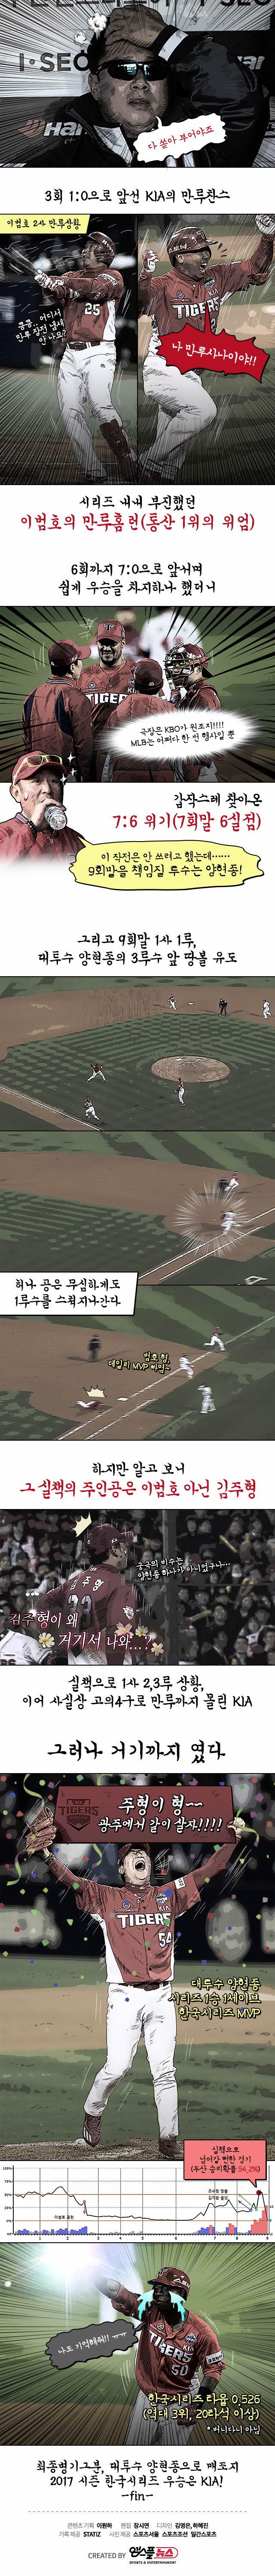 1031-[일간]한국시리즈5차전리뷰_02.jpg